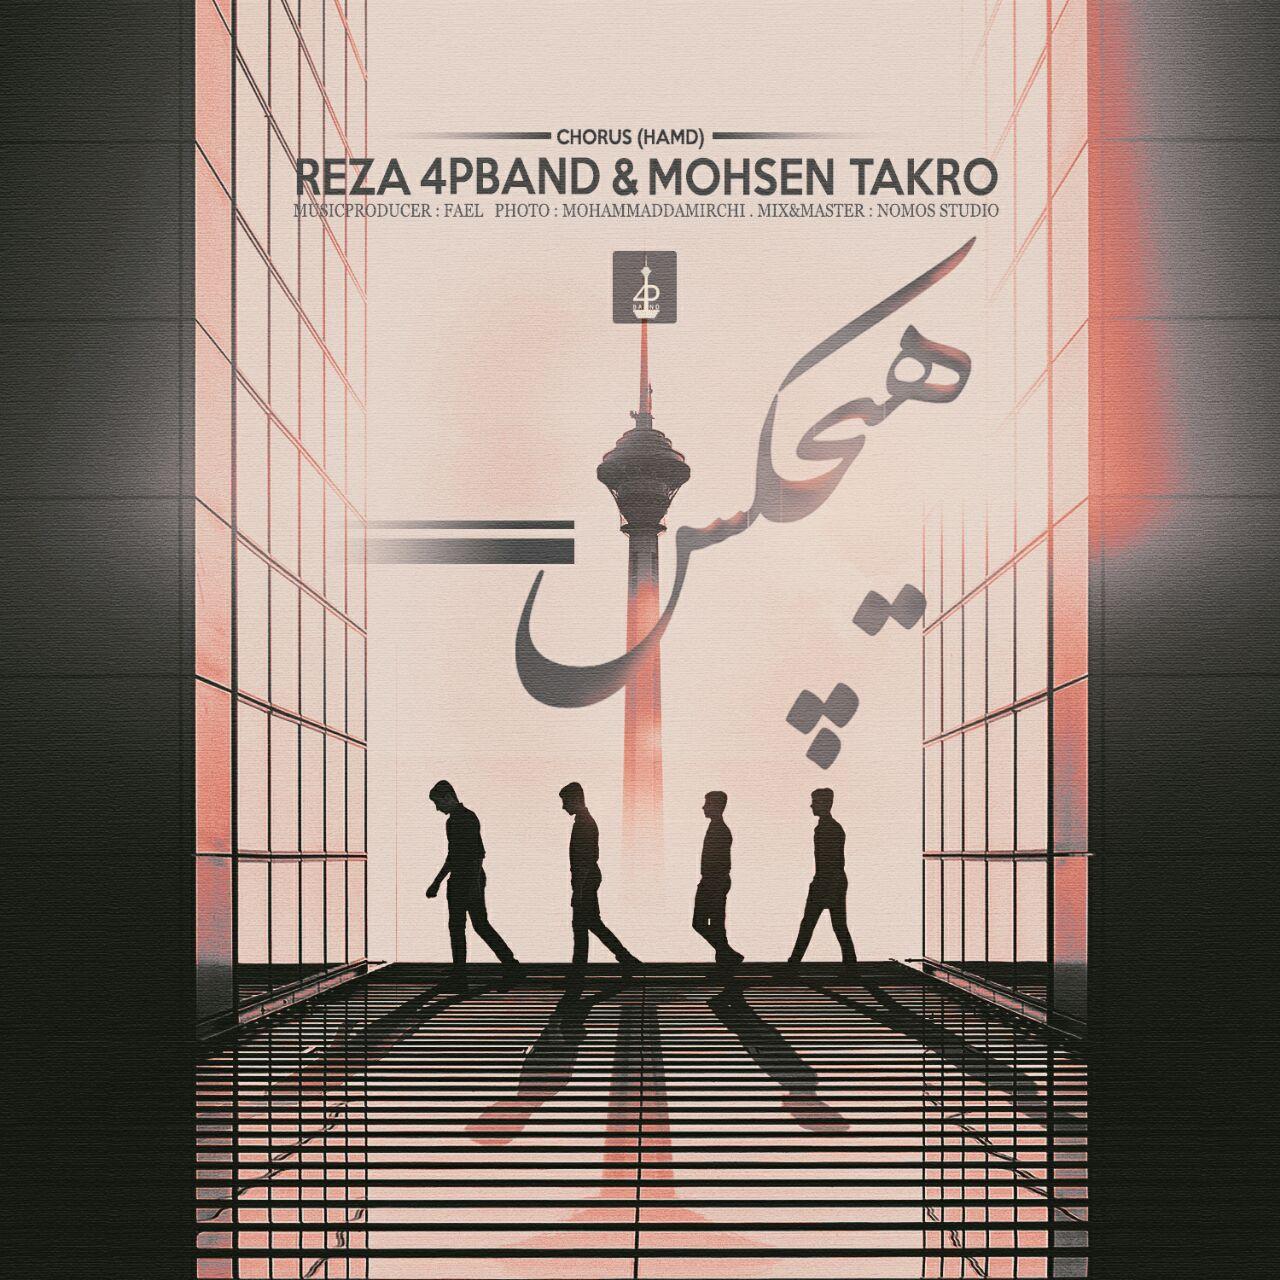 آهنگ جدید هیچکس از محسن تکرو و رضا 4P Band